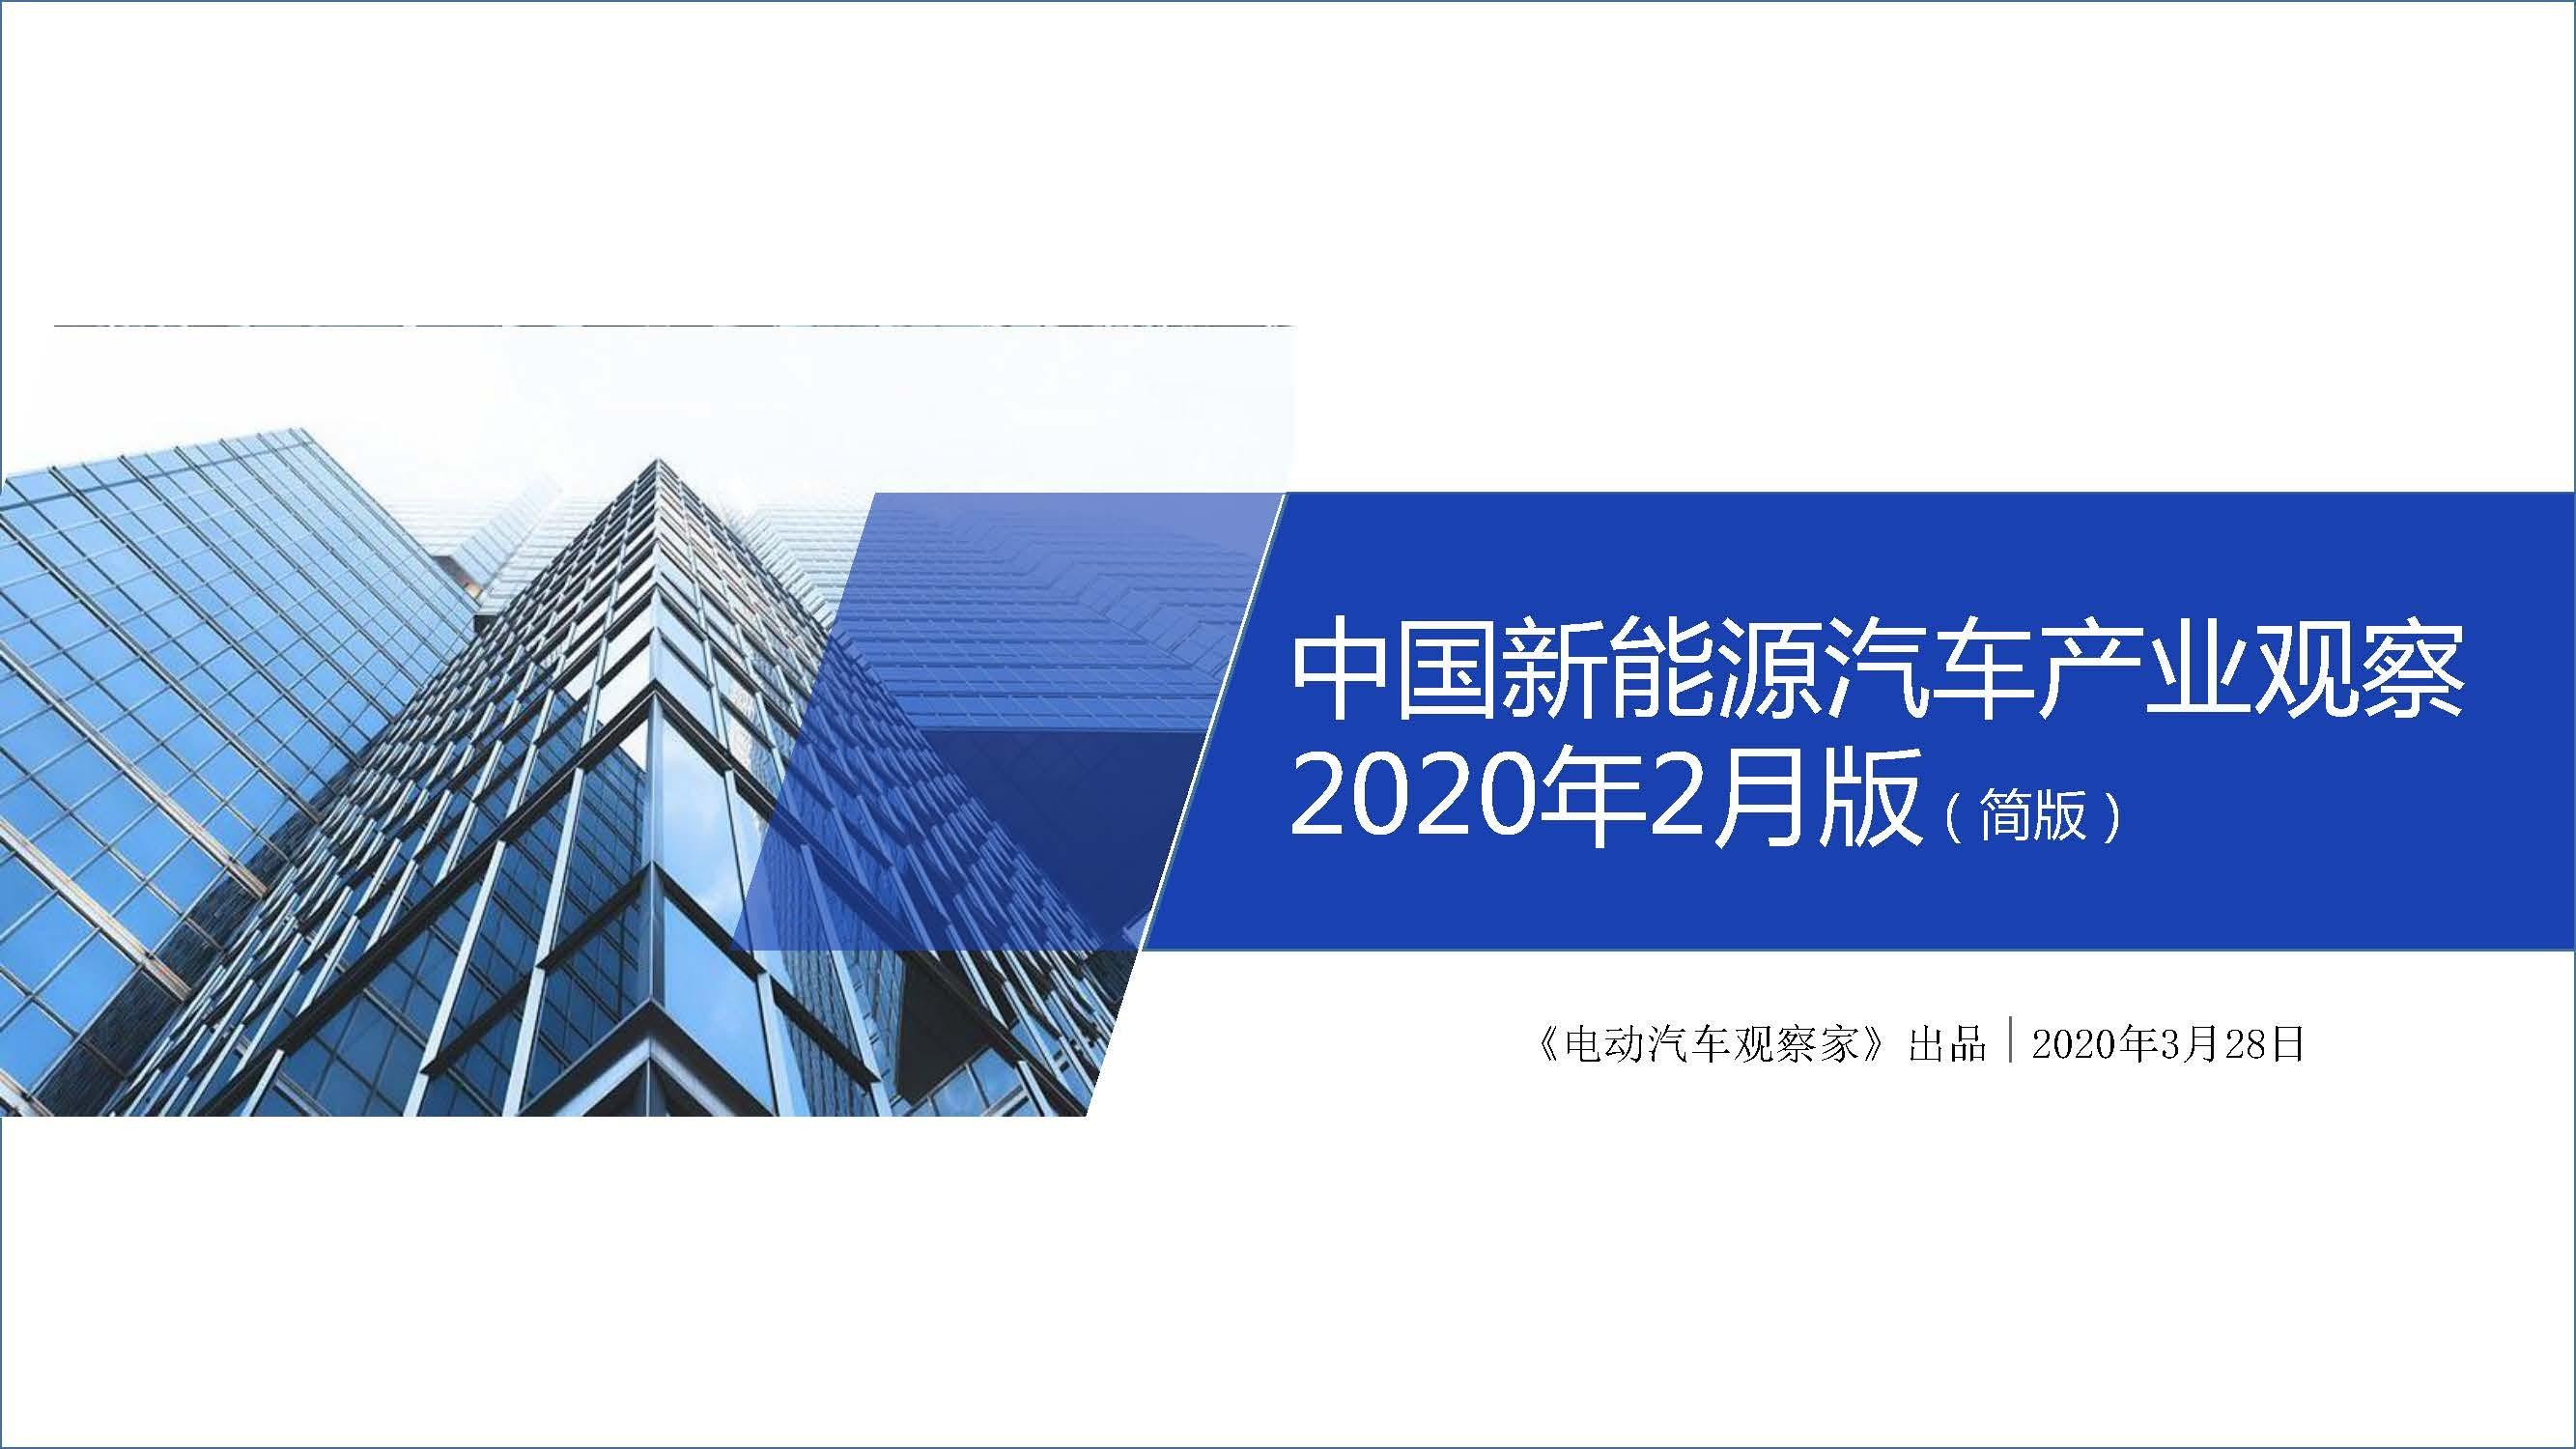 PPT:中国新能源汽车产业观察2020年2月简版